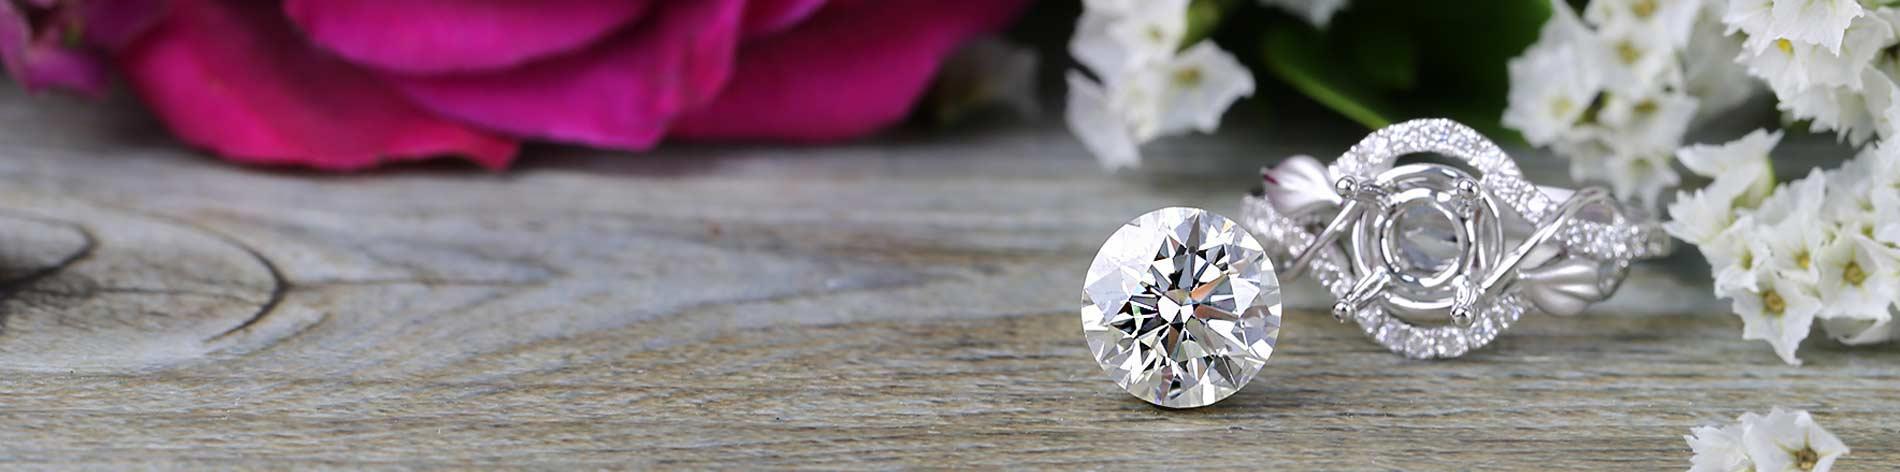 Wholesale Diamonds, Diamond Rings and Jewelry